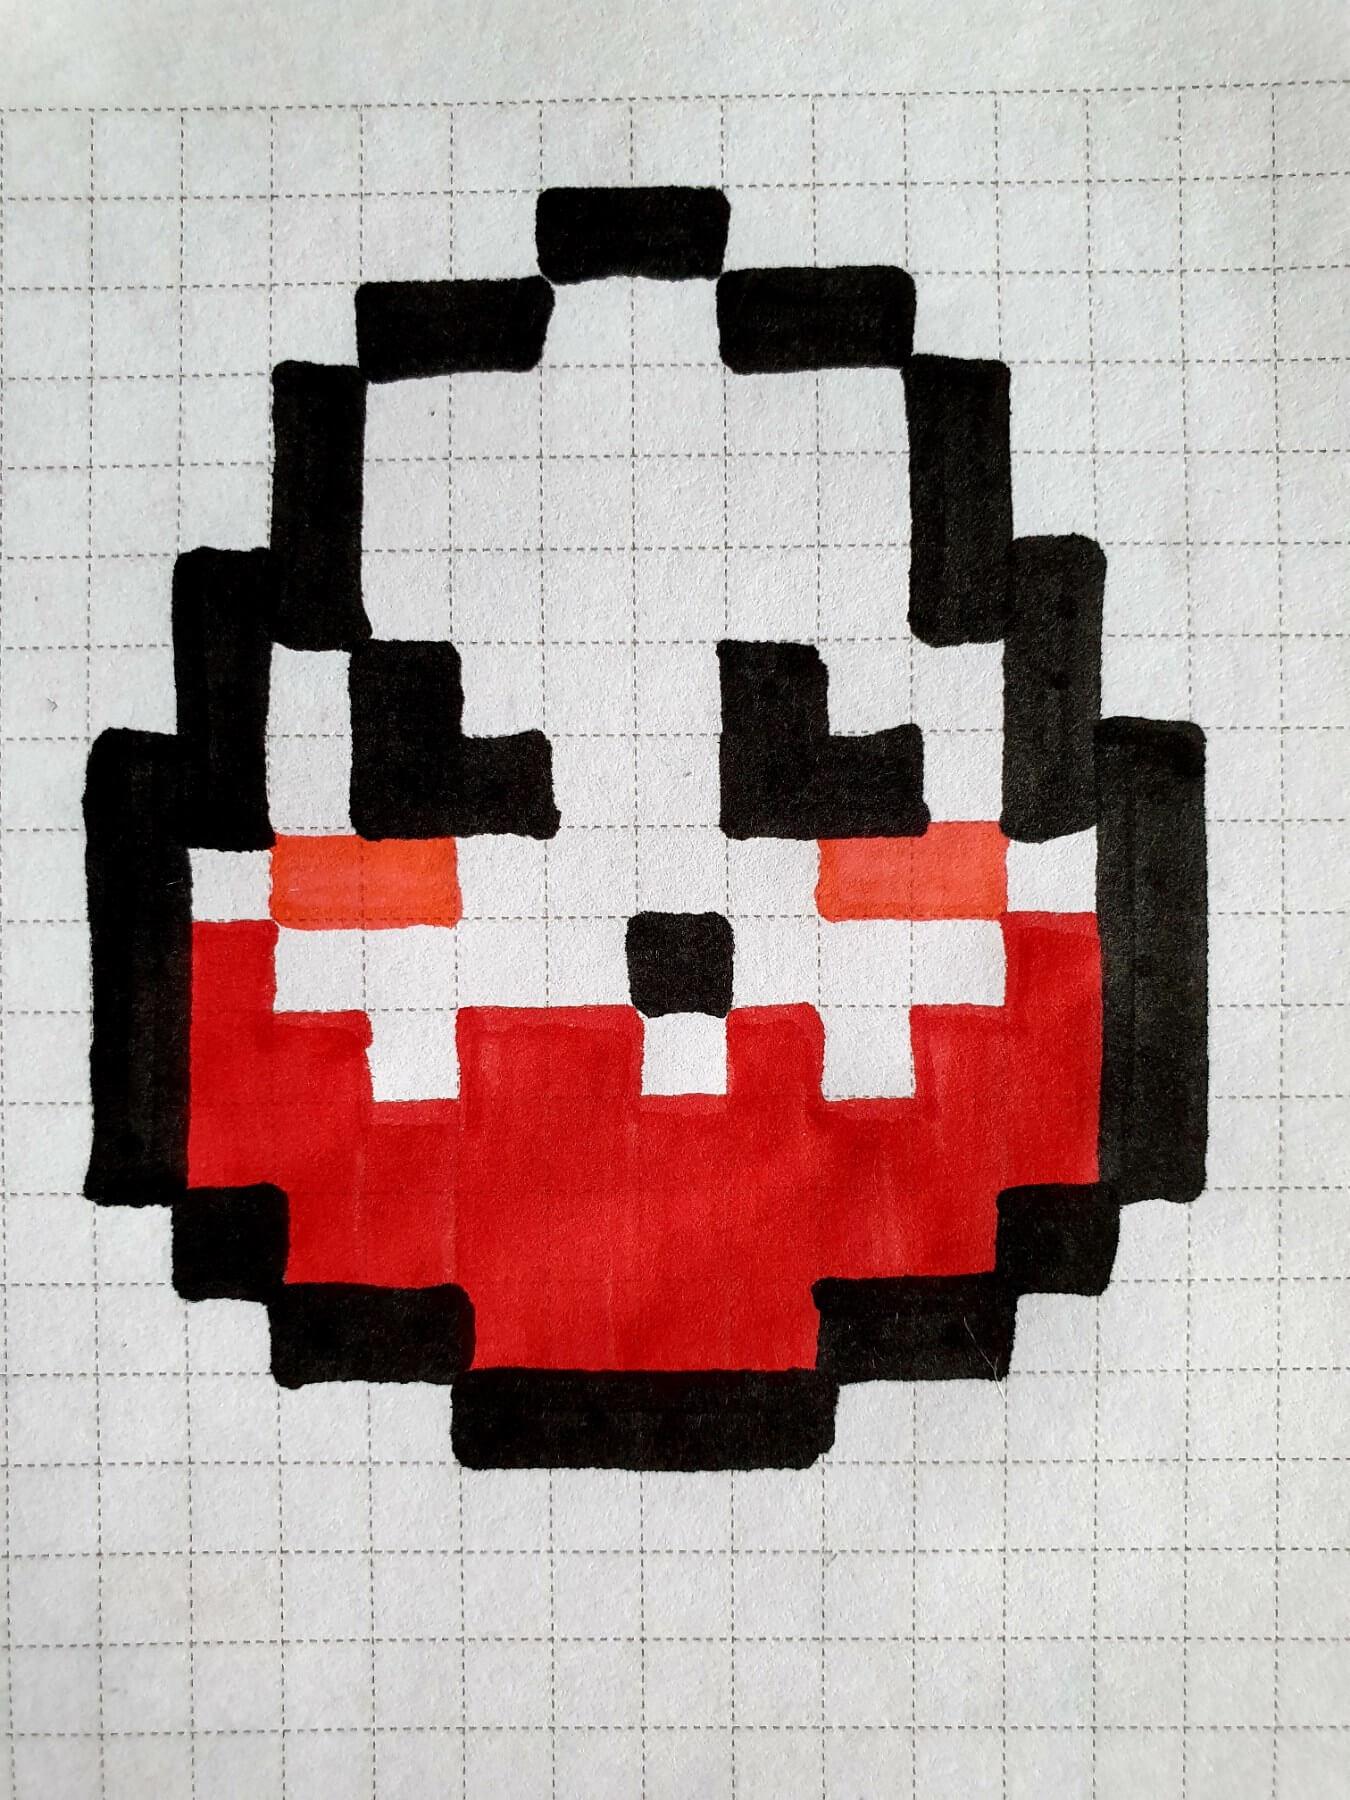 кіндер, drawings on cells, drawings by cells, pixel art, pixel drawings